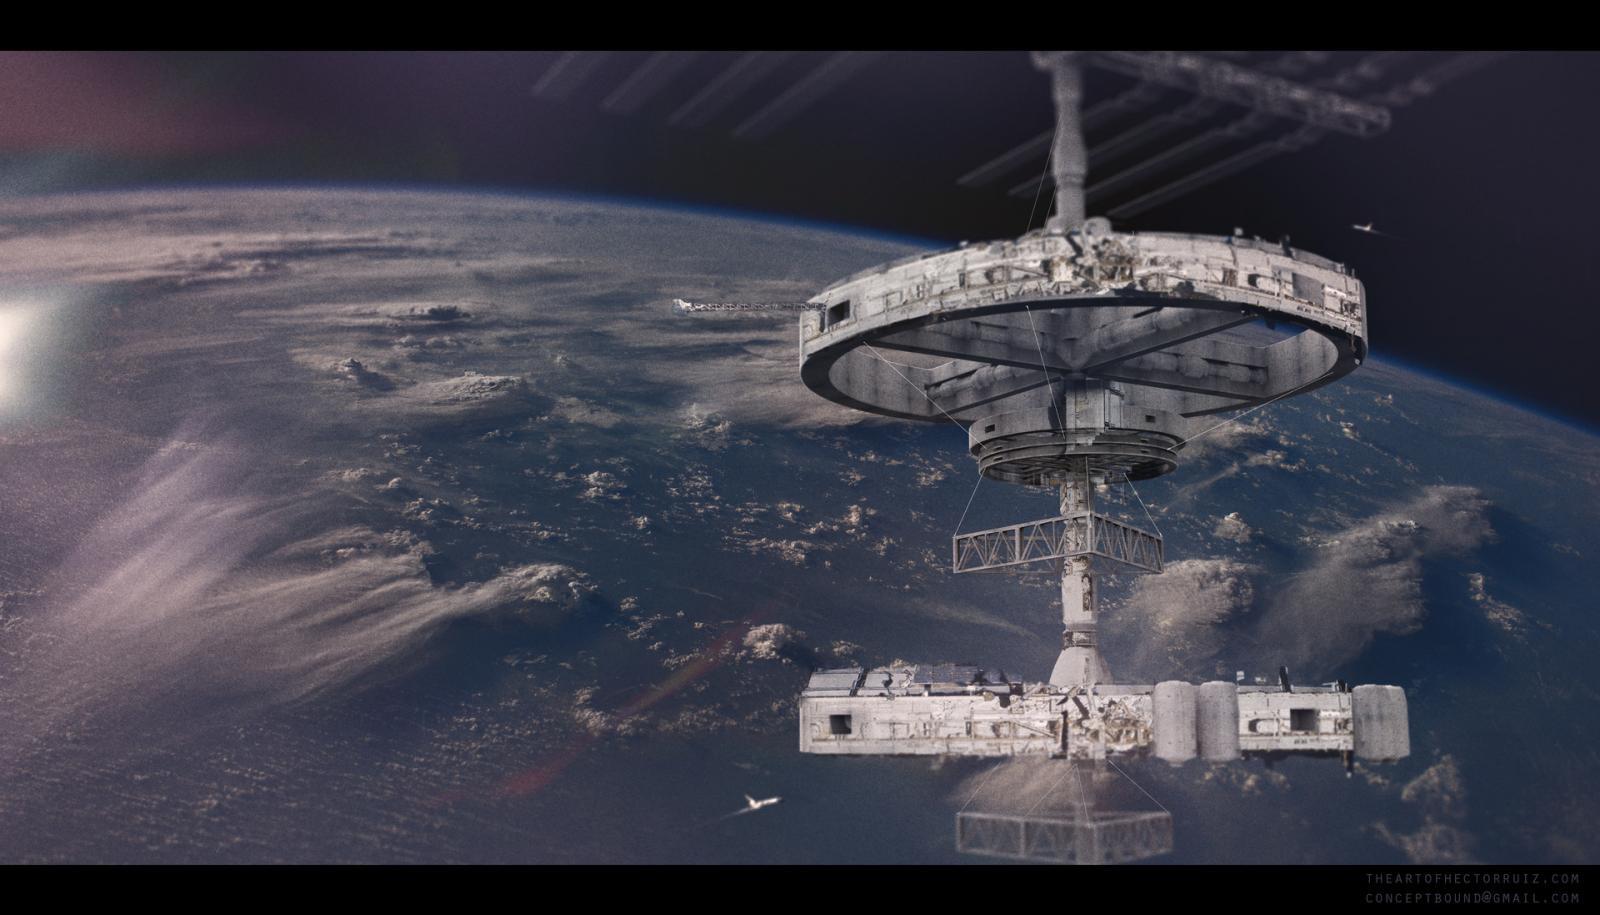 hector-ruiz-ruizhector-spaceport.jpg